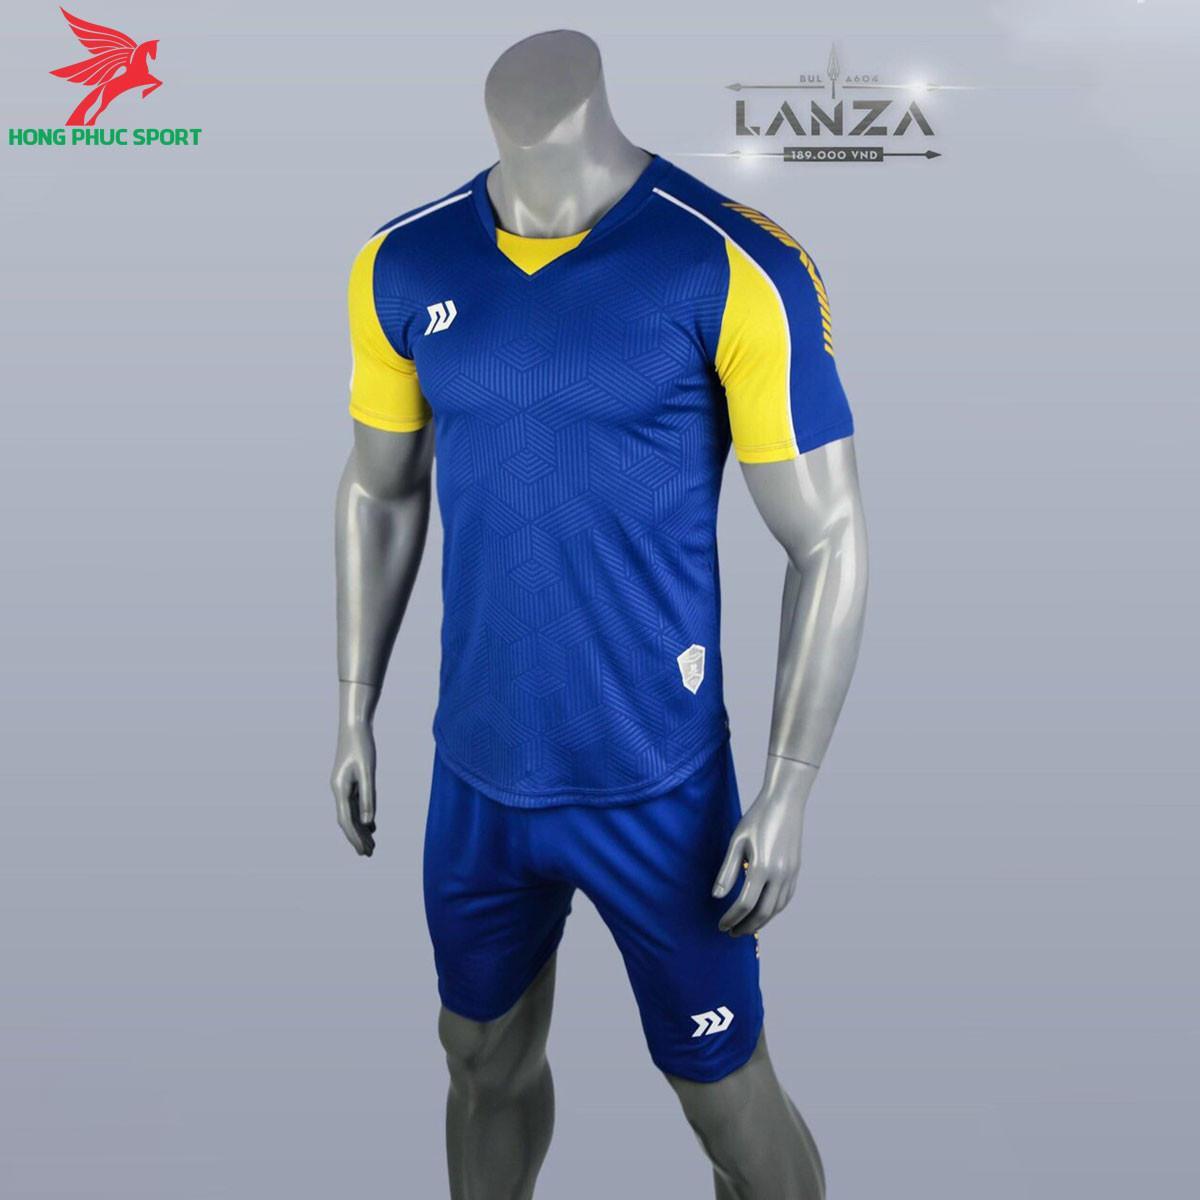 Áo đá banh không logo Bulbal Lanza 2021 màu Xanh bích